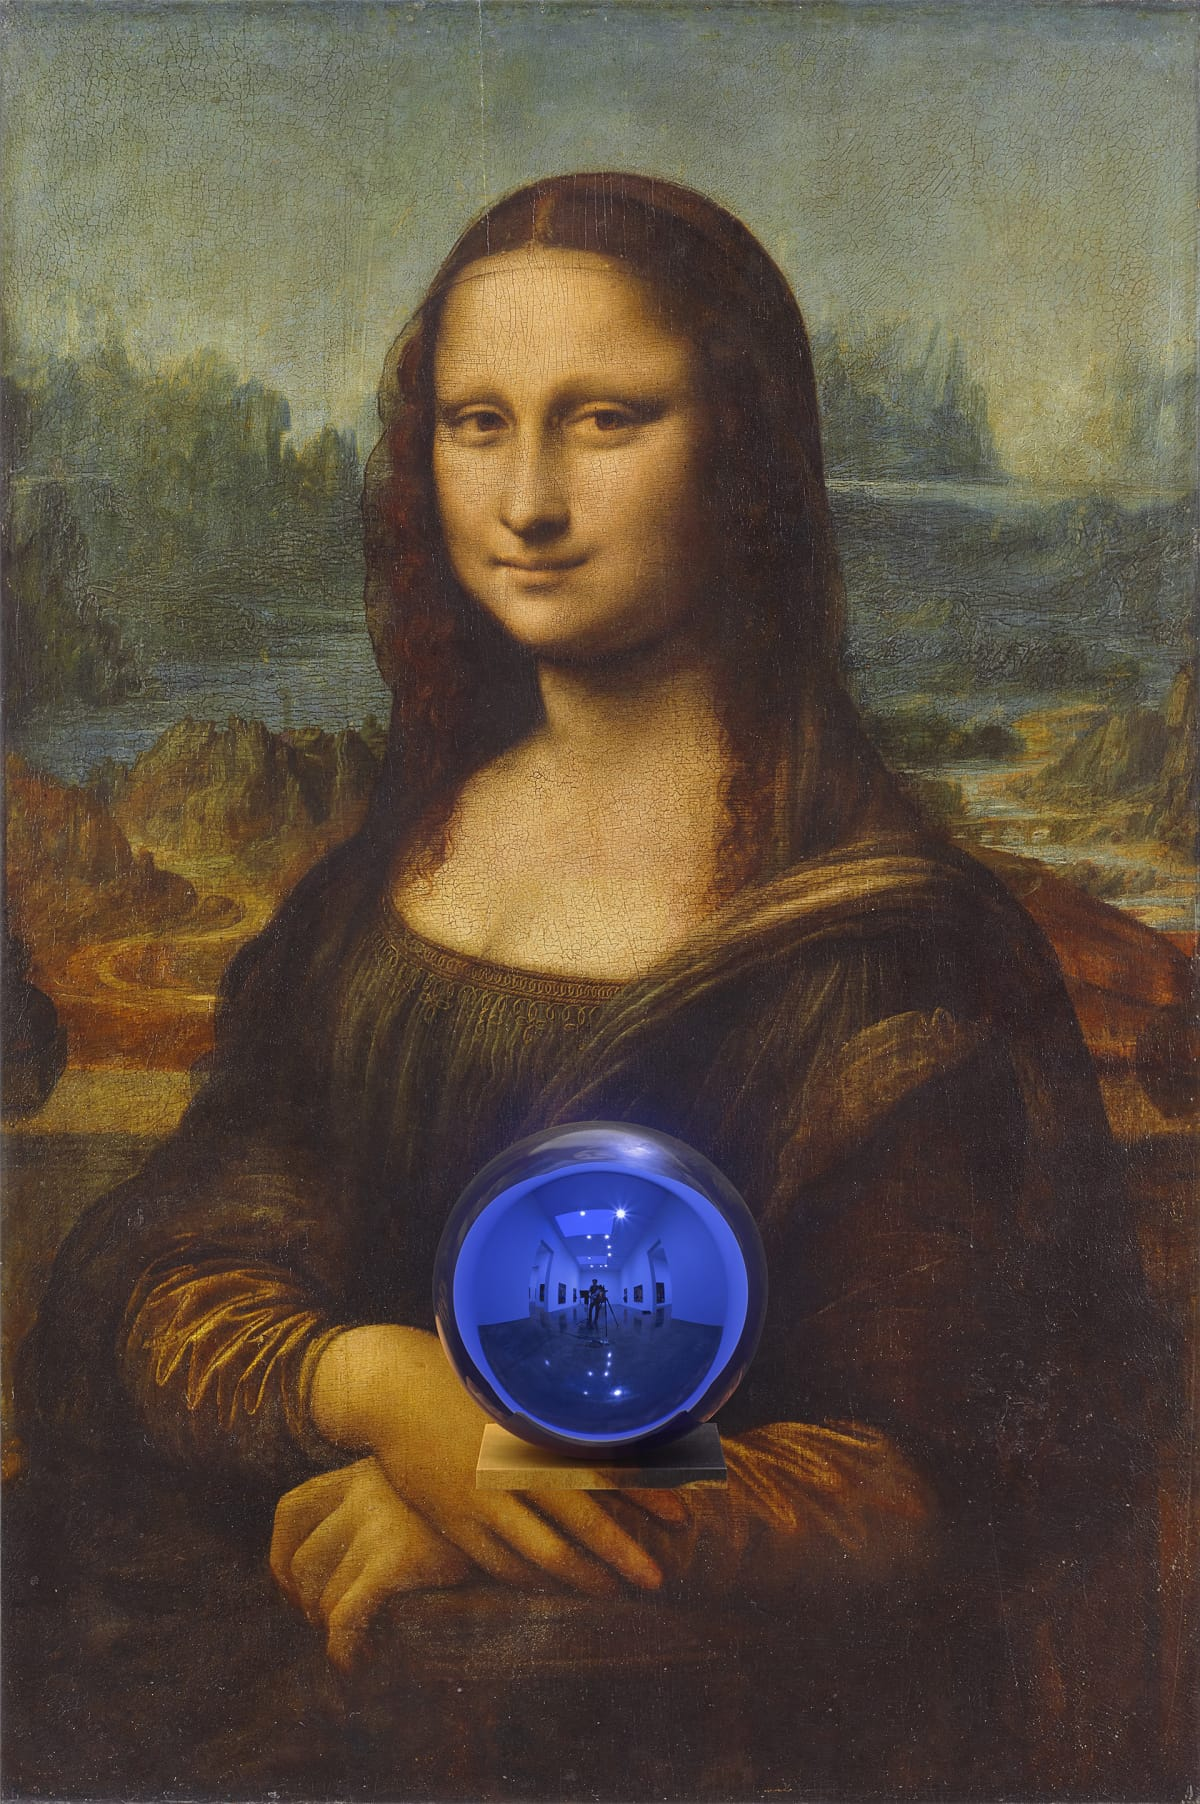 Jeff Koons: Gazing Ball (da Vinci Mona Lisa) (2015).